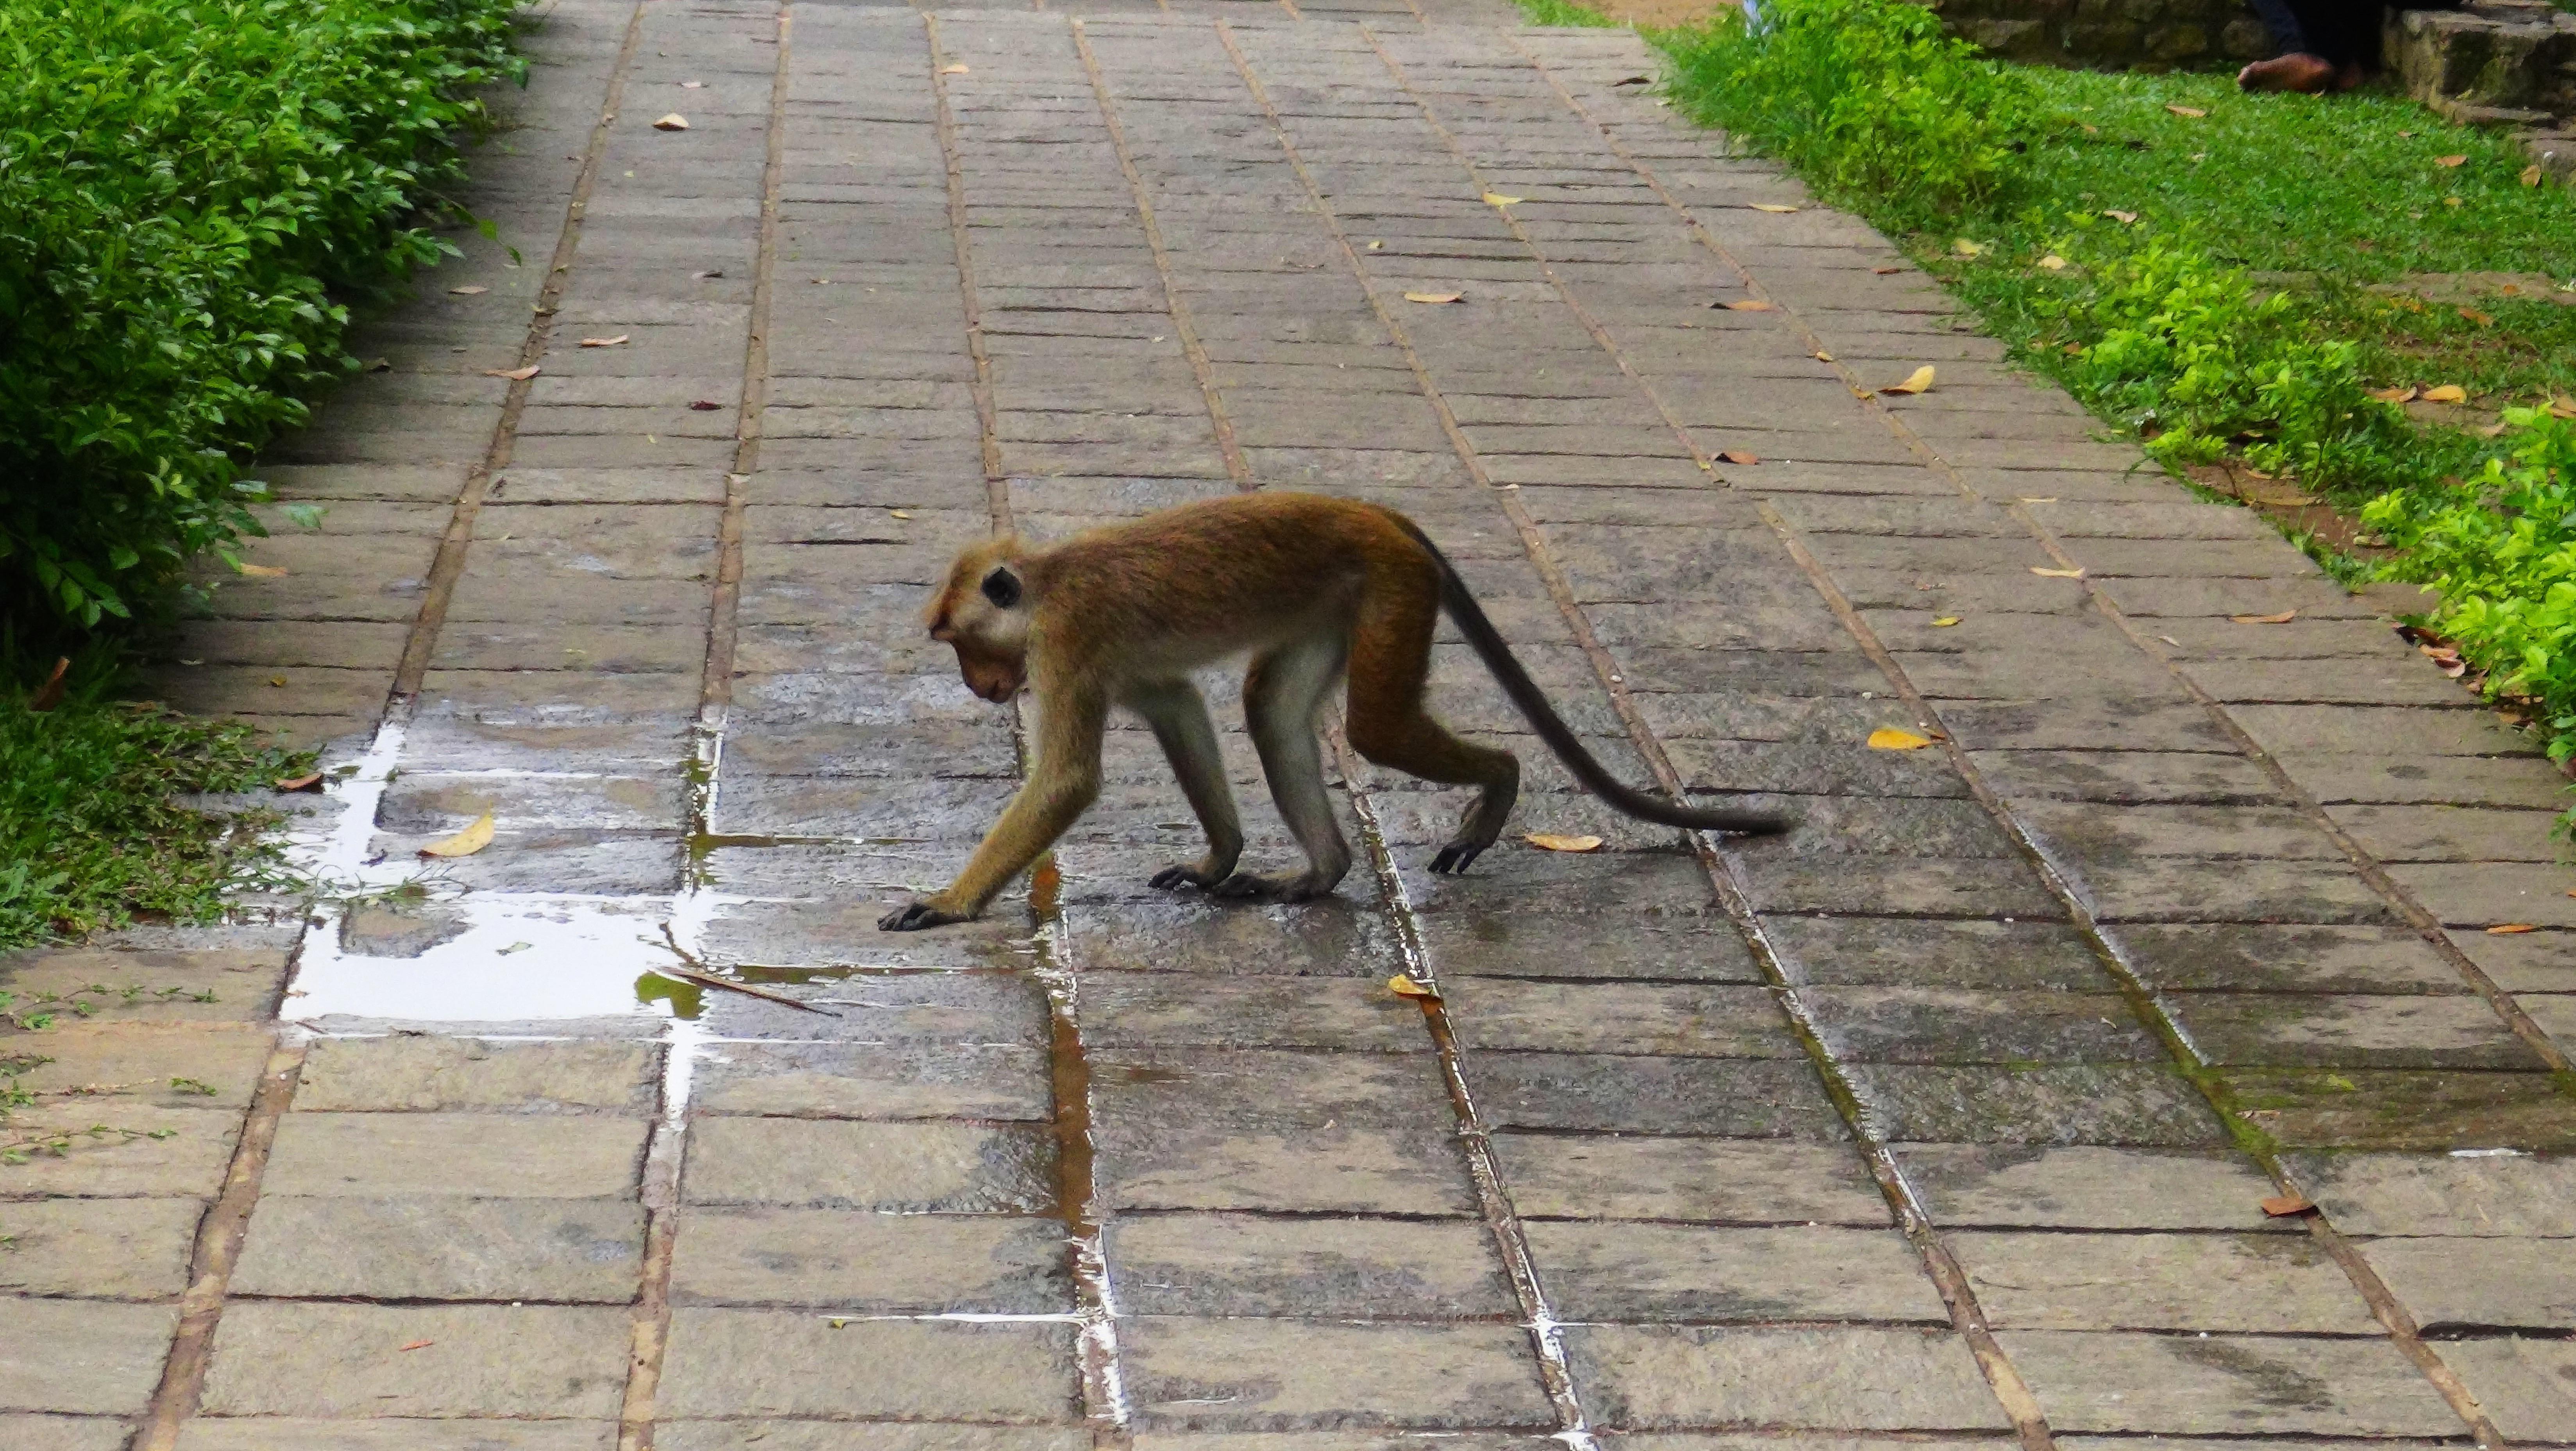 Les singes sont partout – Kandy